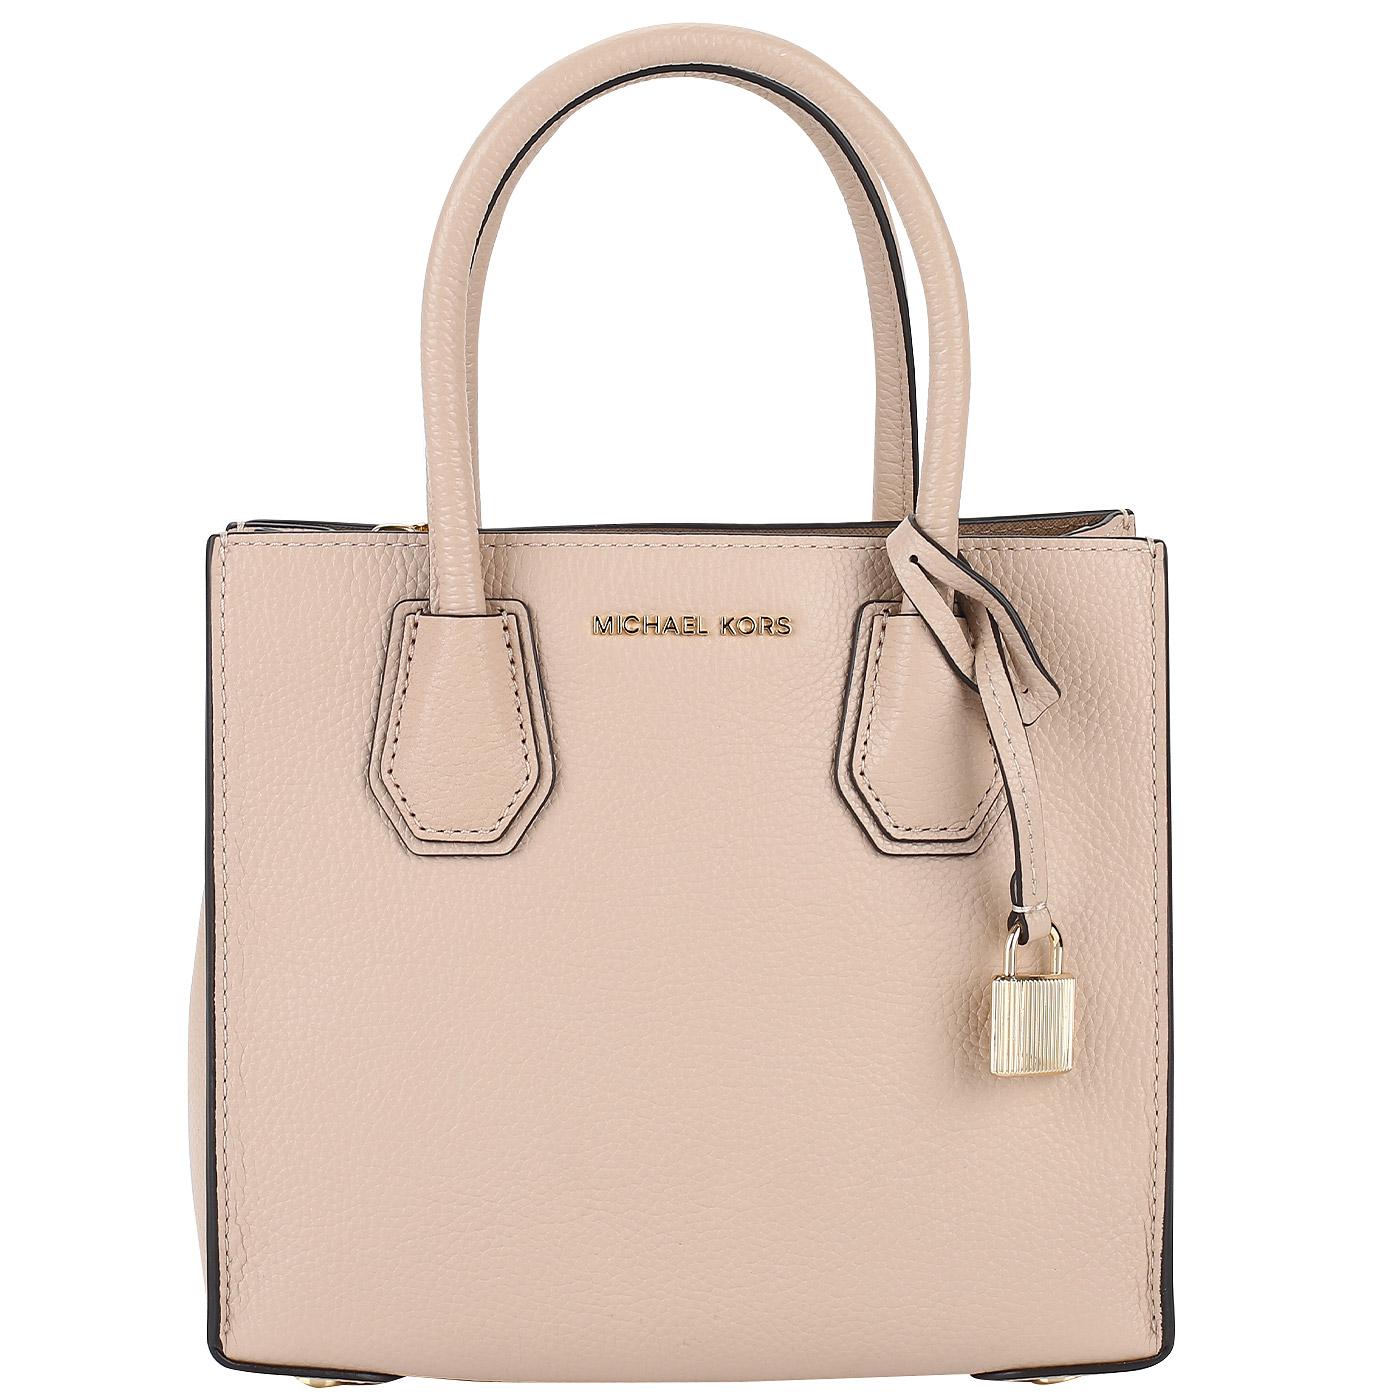 82f44ab19e78 ... Женская сумка из бежевой натуральной кожи Michael Kors Mercer ...